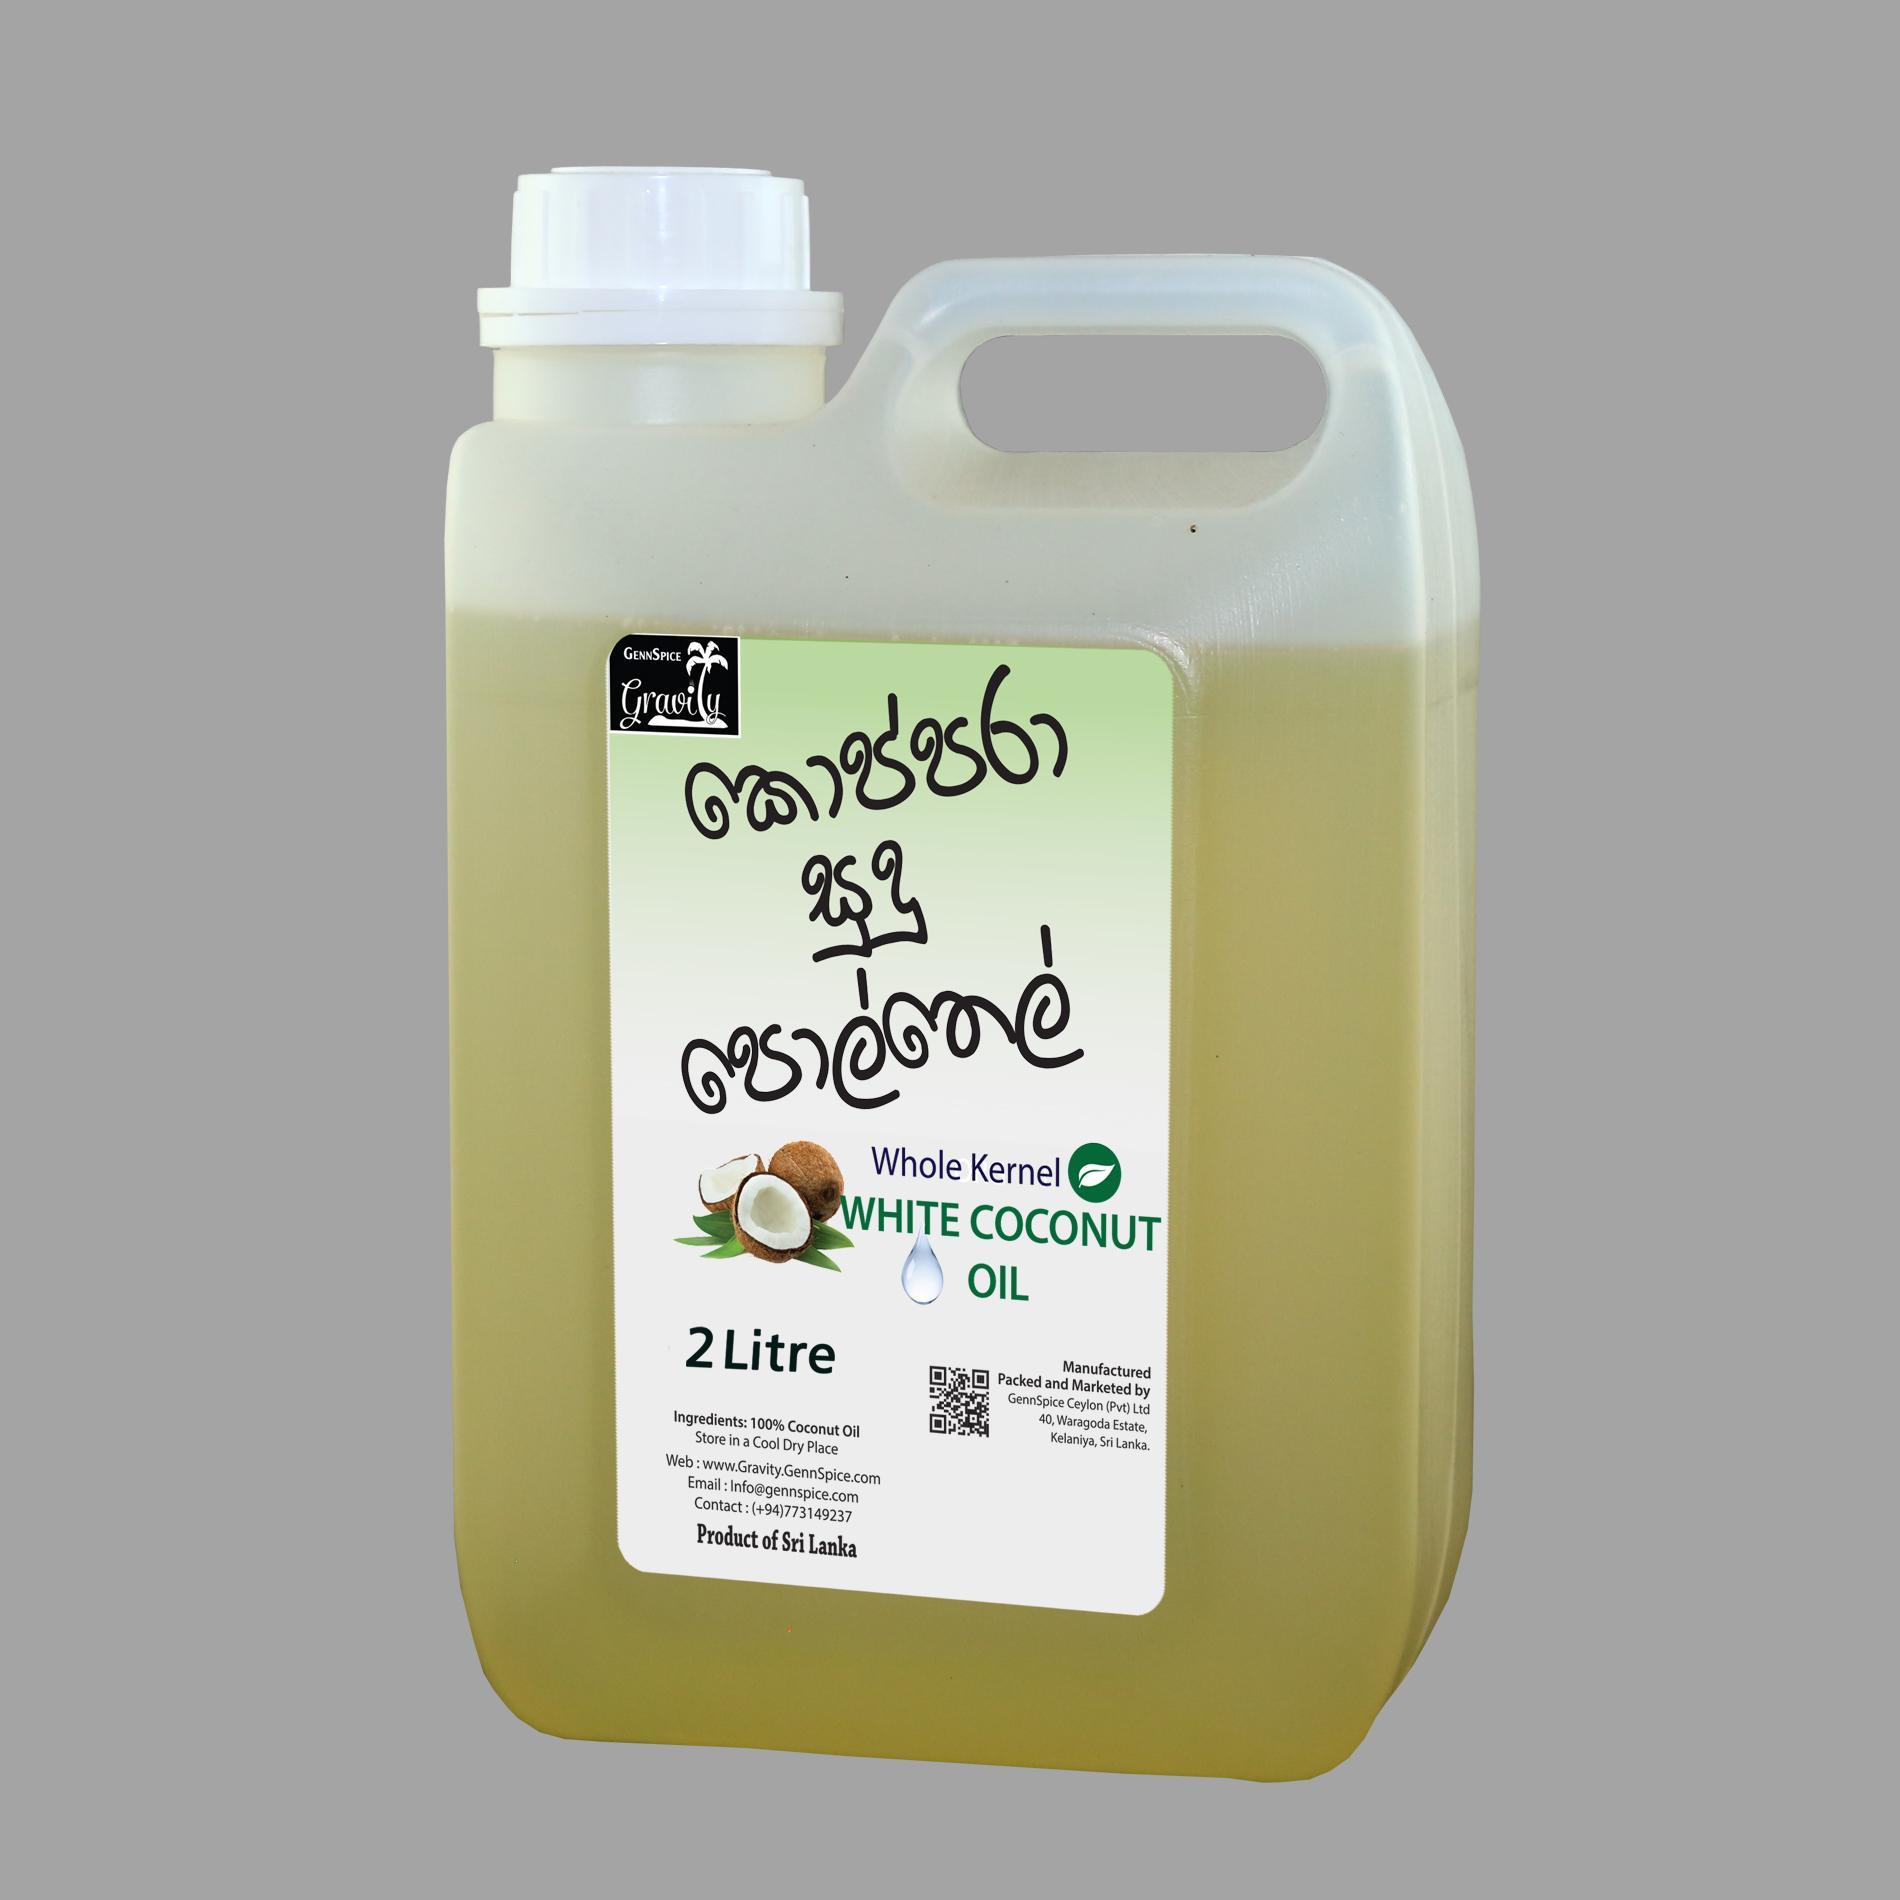 Gravity Copra White Coconut Oil 2 Liter Can